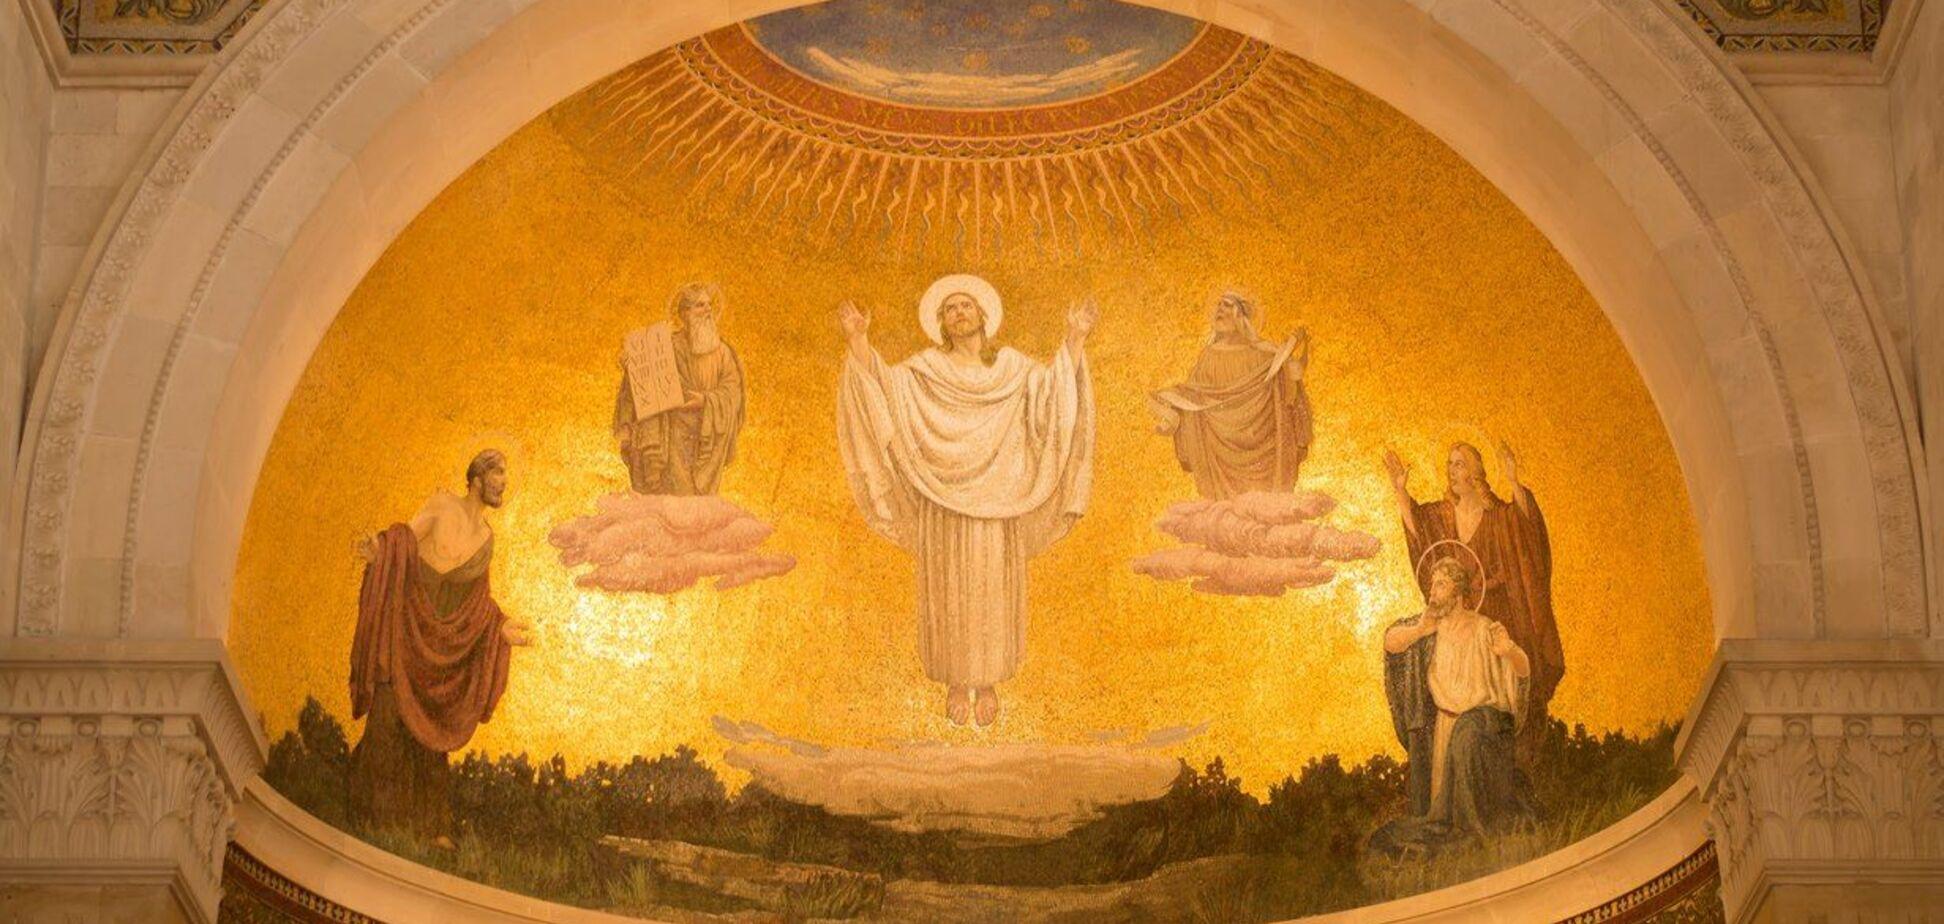 Преображение Господне – один из 12 важнейших церковных праздников